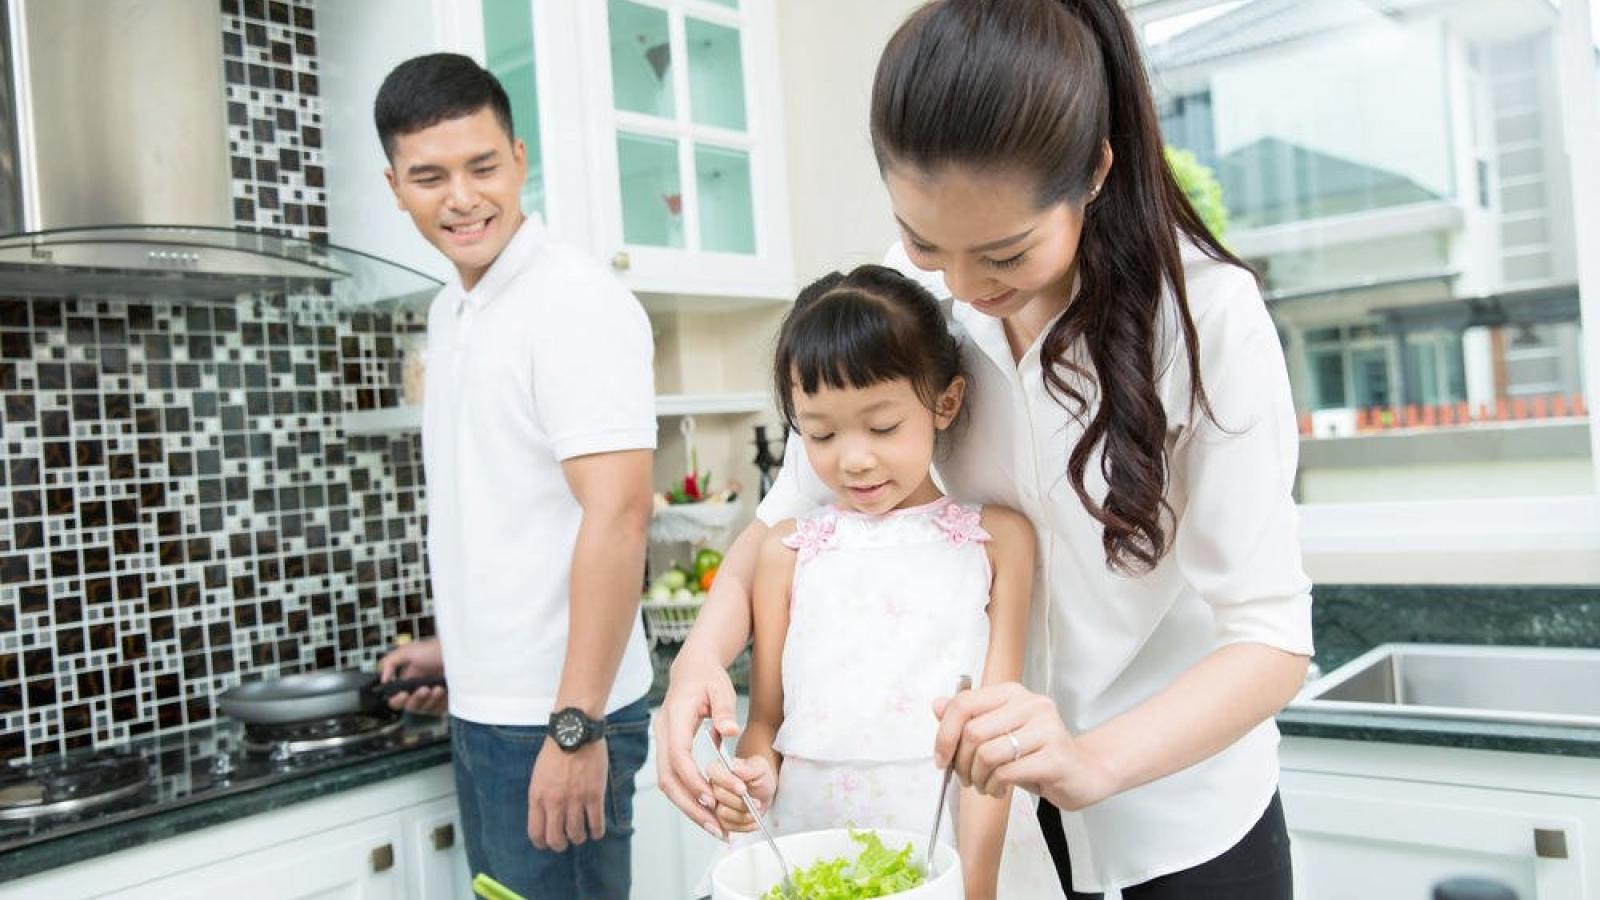 Bí quyết giúp trẻ thông minh và ngoan ngoãn nhờ những điều ba mẹ dạy trước khi 4 tuổi